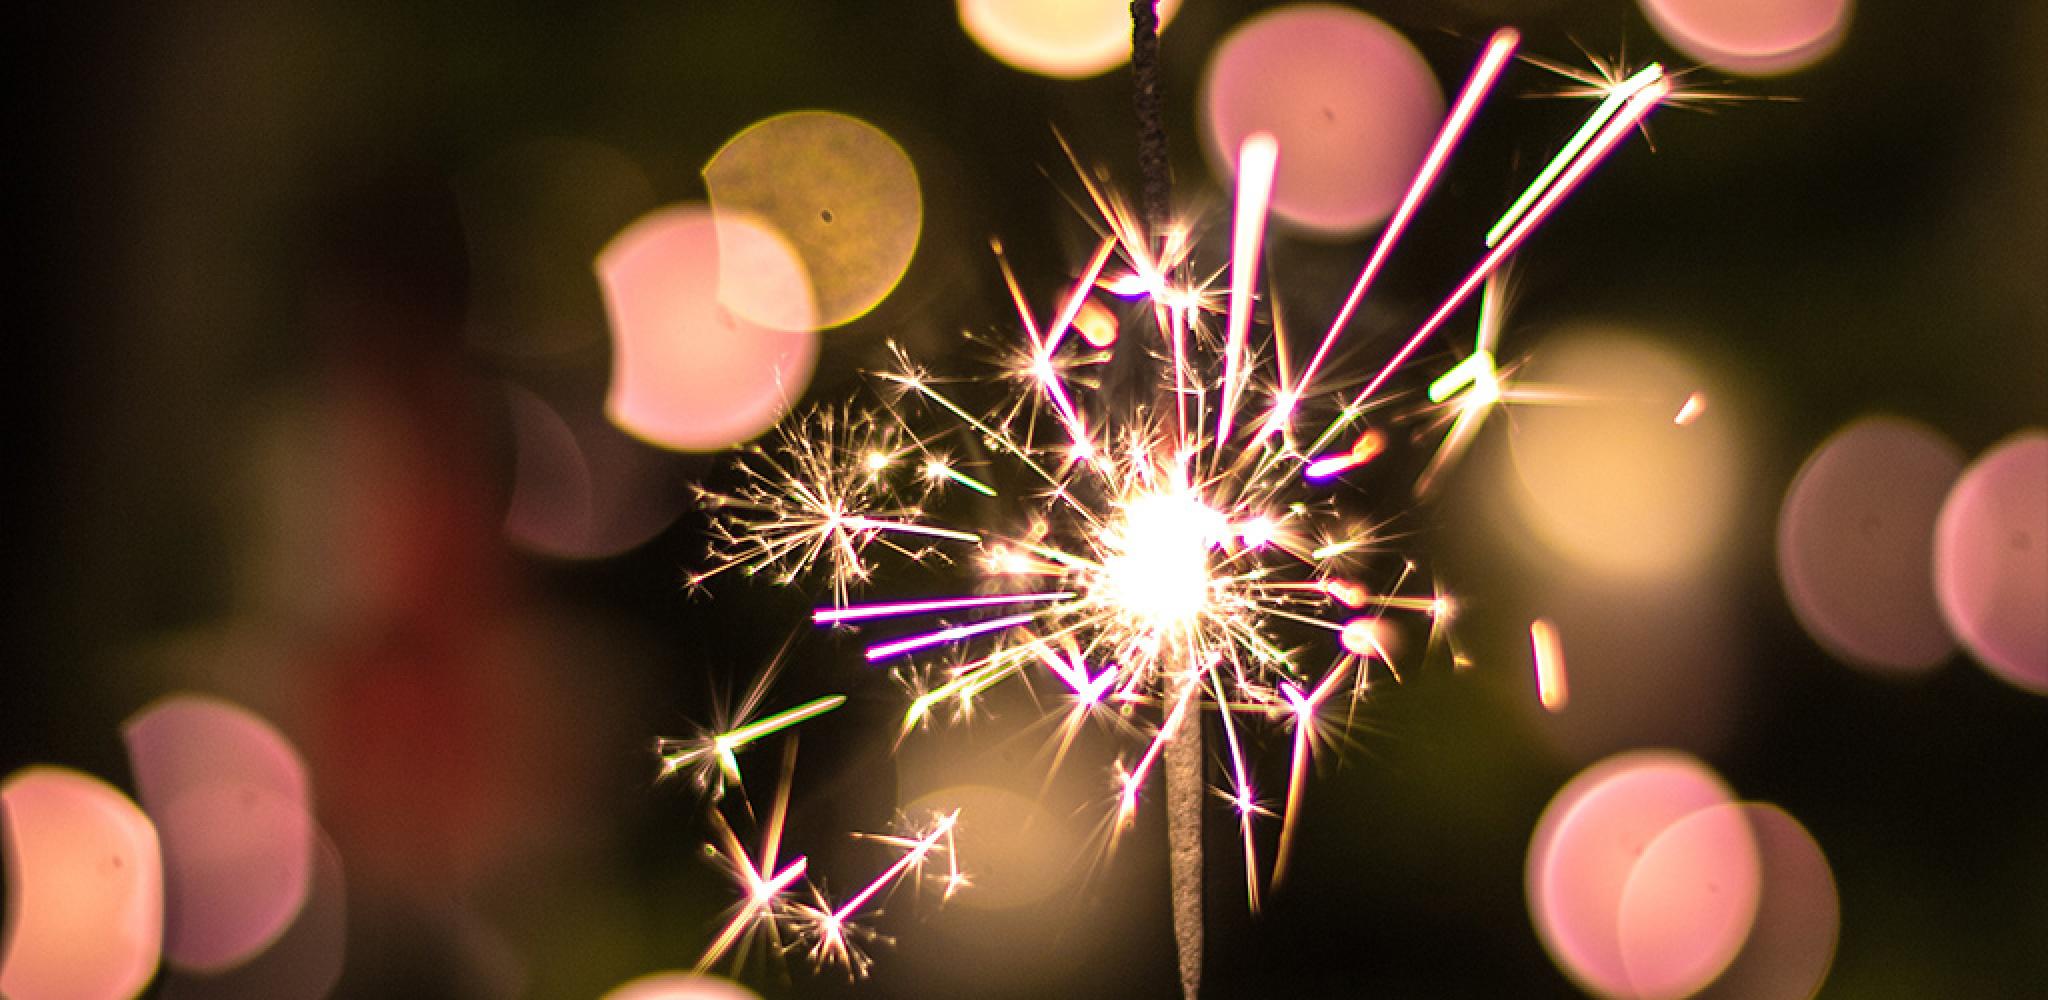 Fijne feestdagen en een geweldig 2020!-2019-12-16 12:06:38